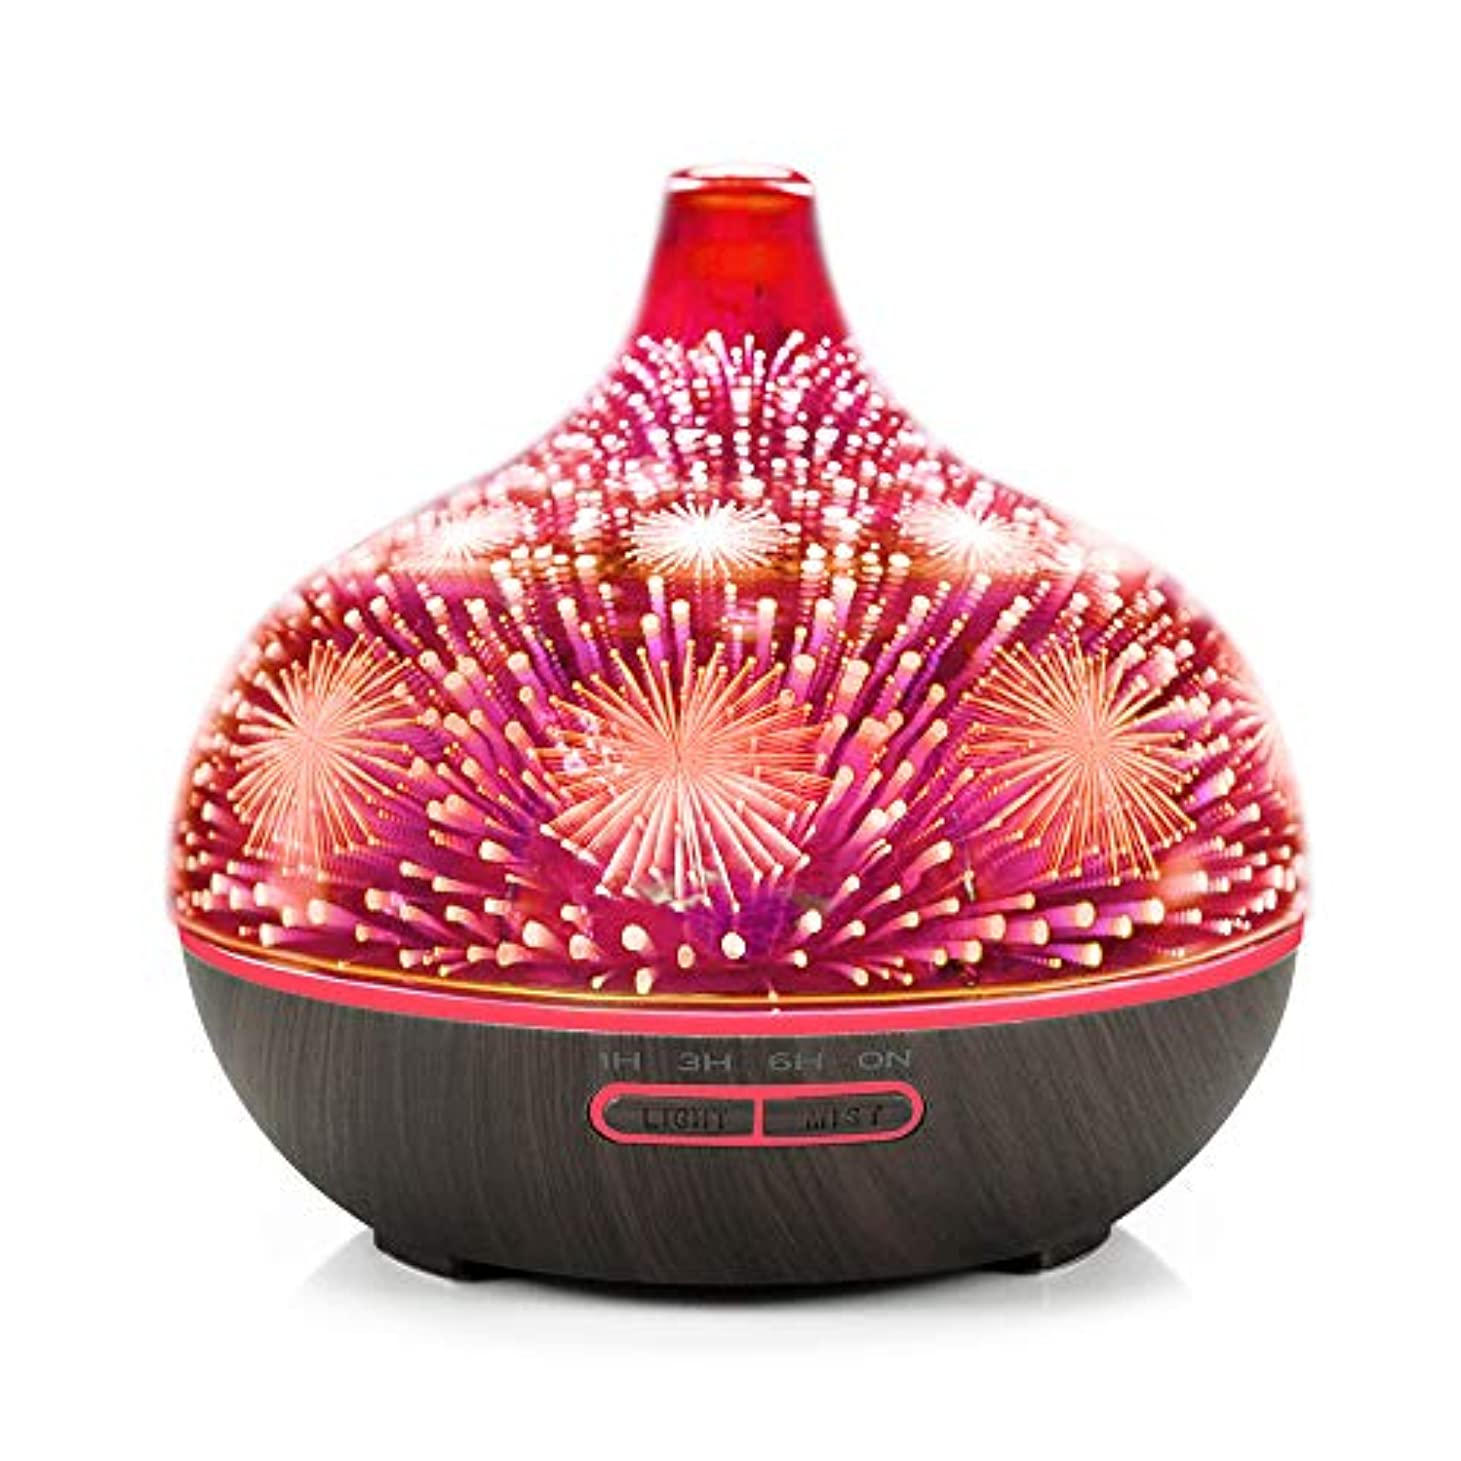 鎮痛剤フラップ見捨てるDecdeal アロマディフューザー 3Dガラス アロマセラピー 加湿器 7色LEDライト付き 自動シャットオフ ブラックウッドパターンベース&花火LEDライト